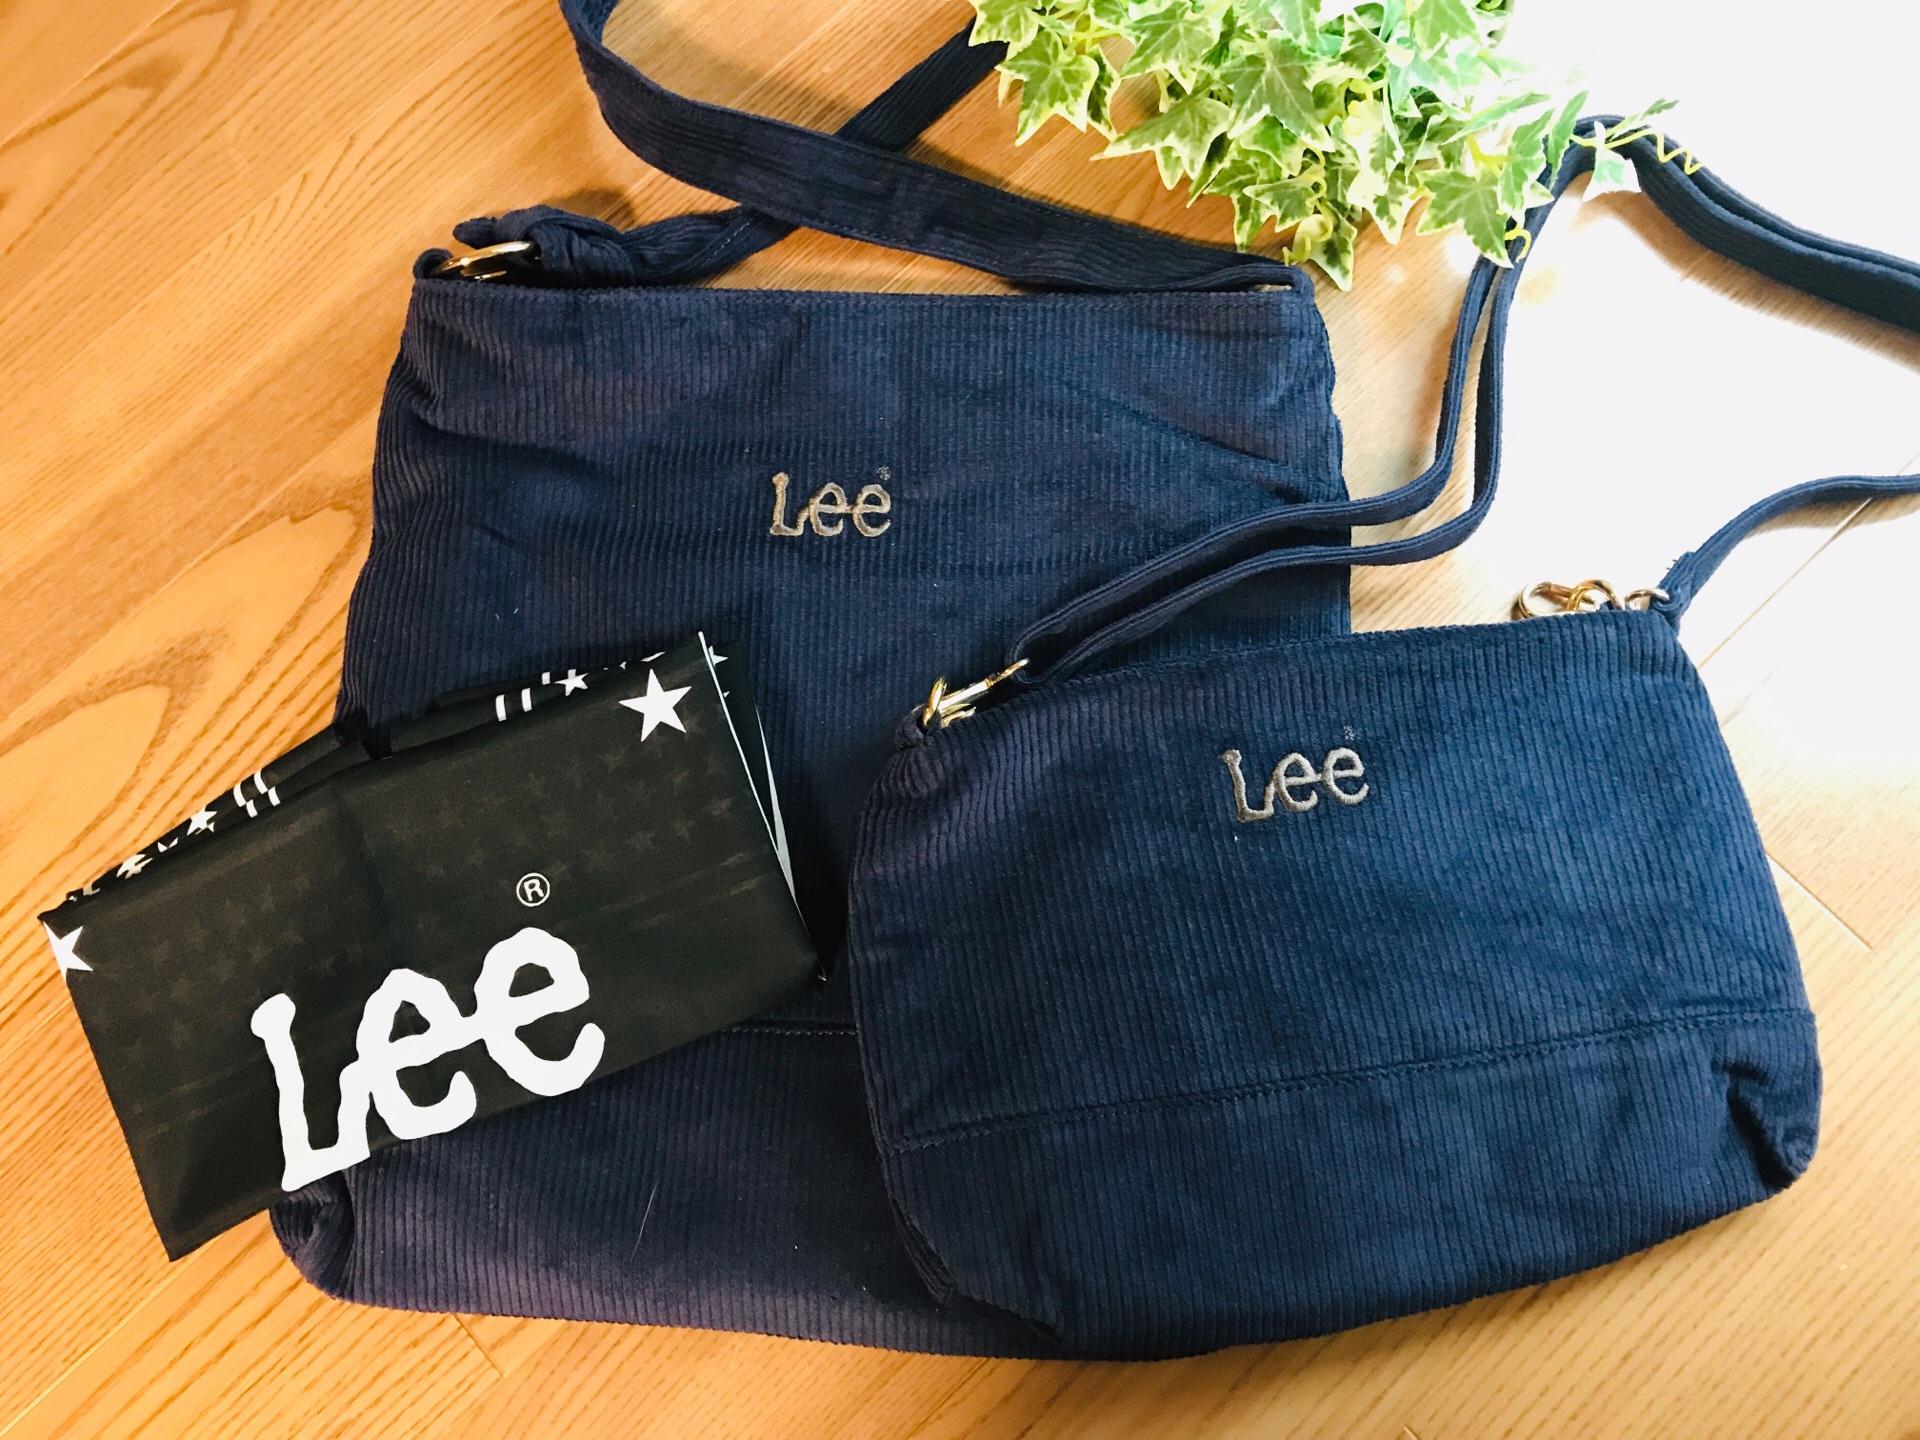 【Lee×SMIR NASLI】年明けSALEが安い!コラボバッグを《半額》でGETしました♡_5